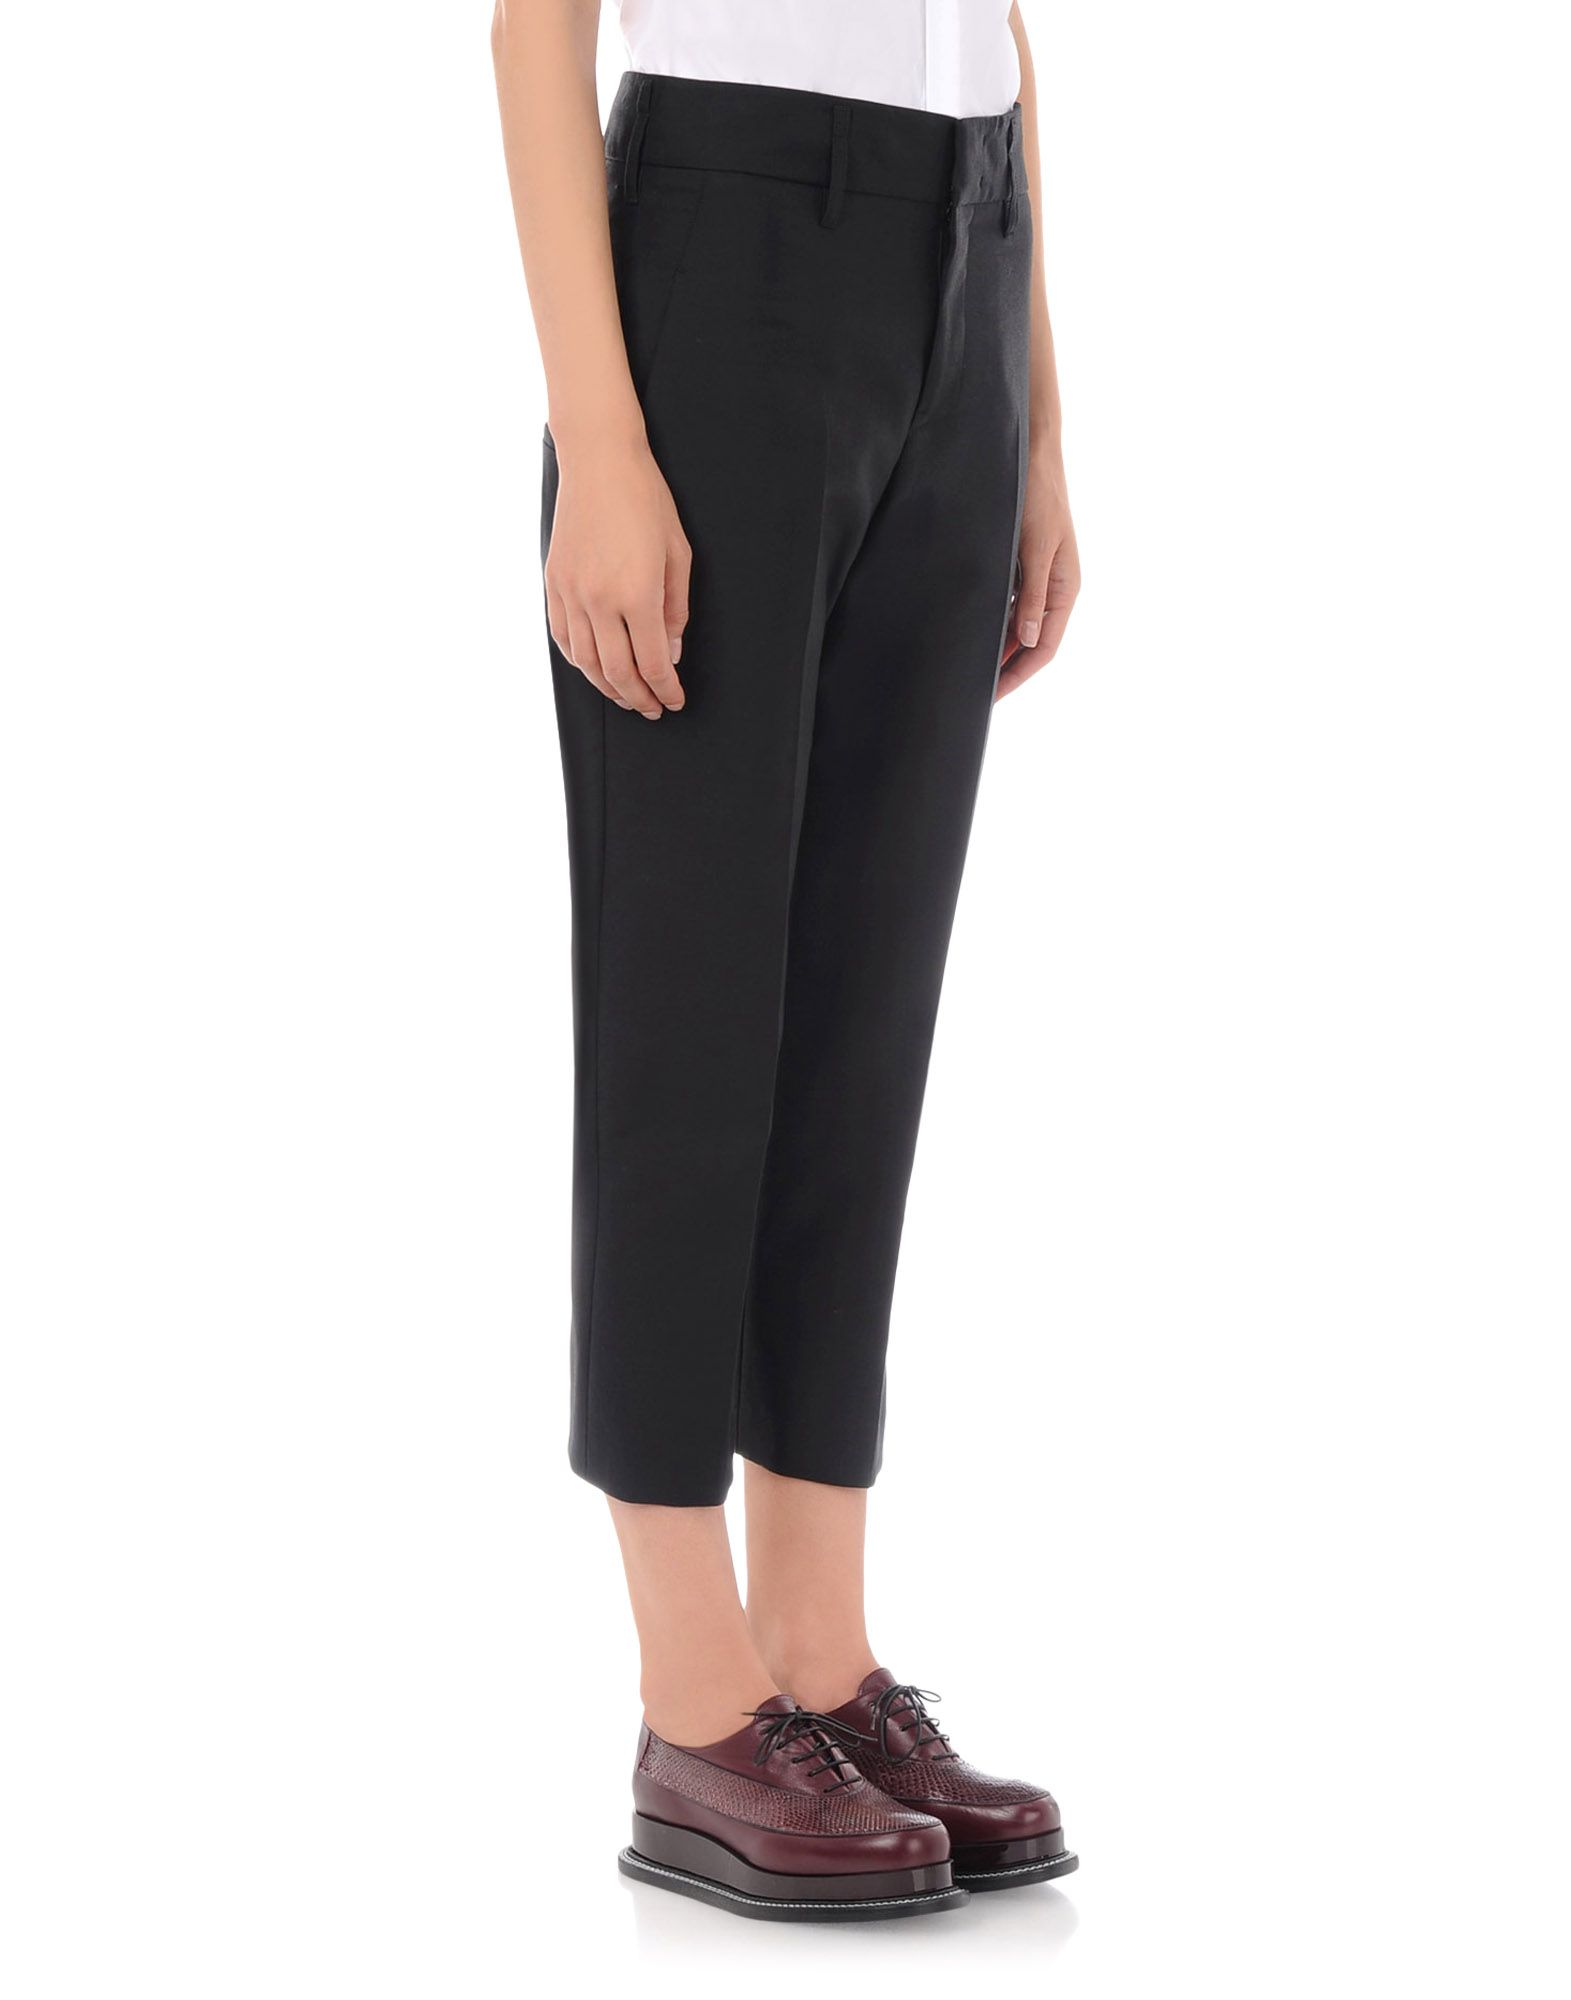 1345dea4e8e4 Pantaloni alla caviglia Donna - Pantaloni Donna su Jil Sander Online ...